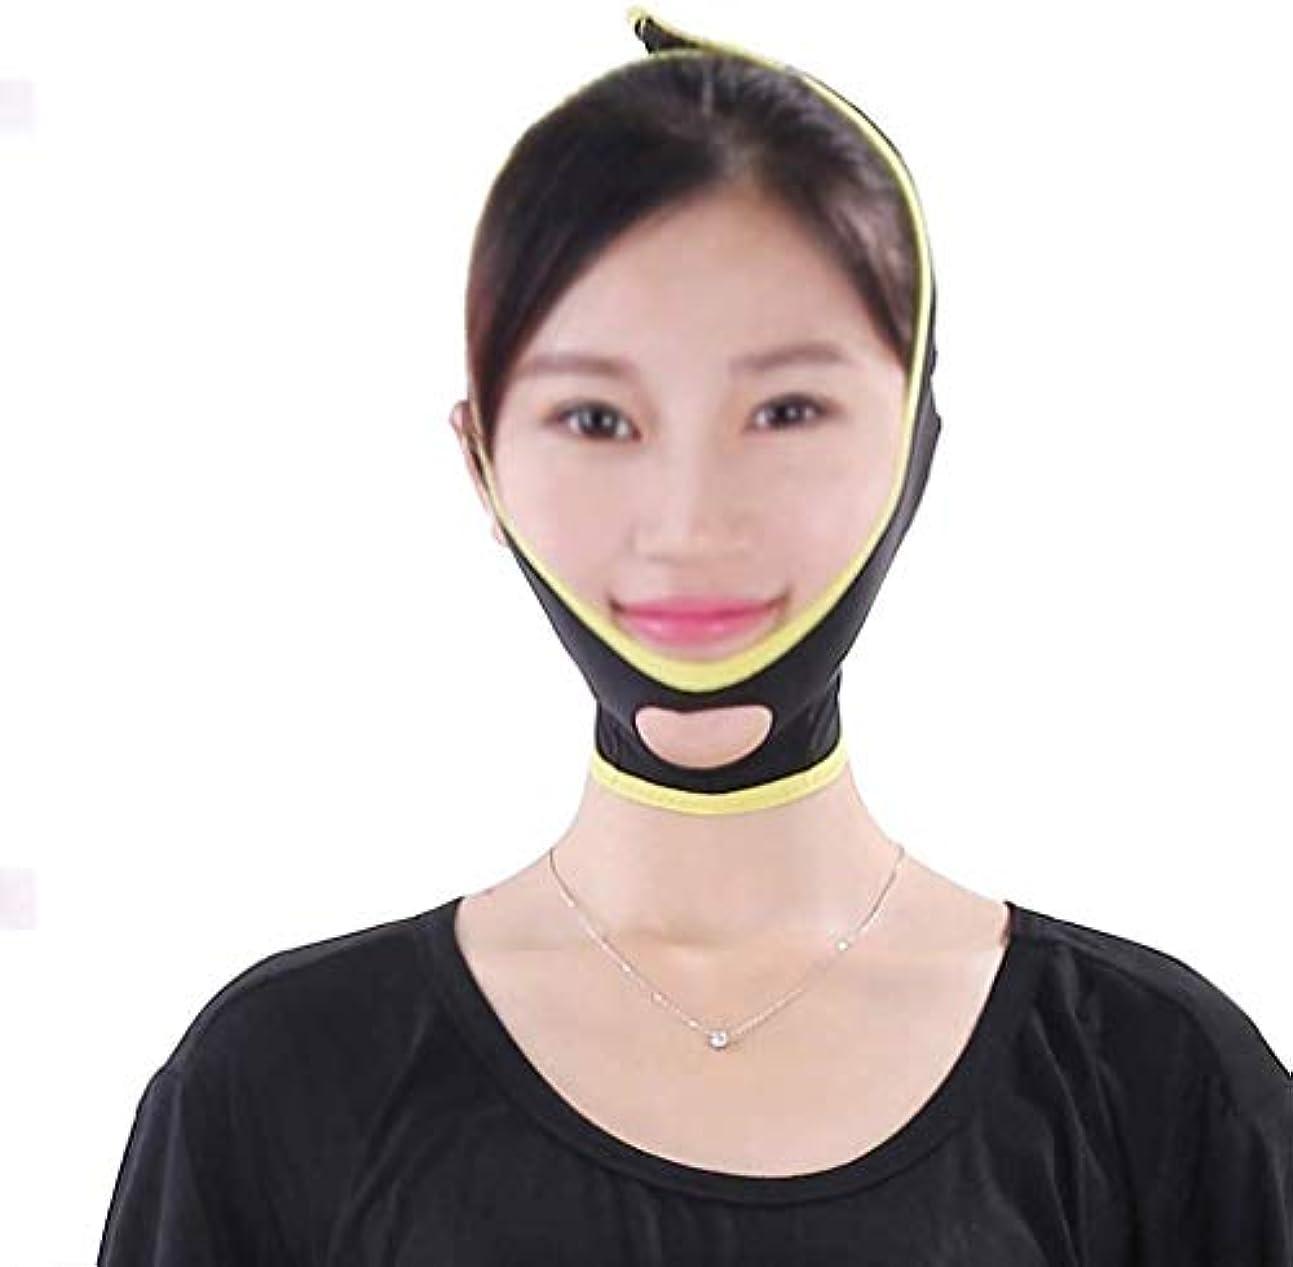 それからラボスケジュール美しさと実用的なフェイシャルマスク、男性と女性の顔リフティングアーティファクト包帯美容リフティング引き締めサイズV顔ダブルチン睡眠マスク埋め込みシルク彫刻Slim身ベルト(サイズ:L)